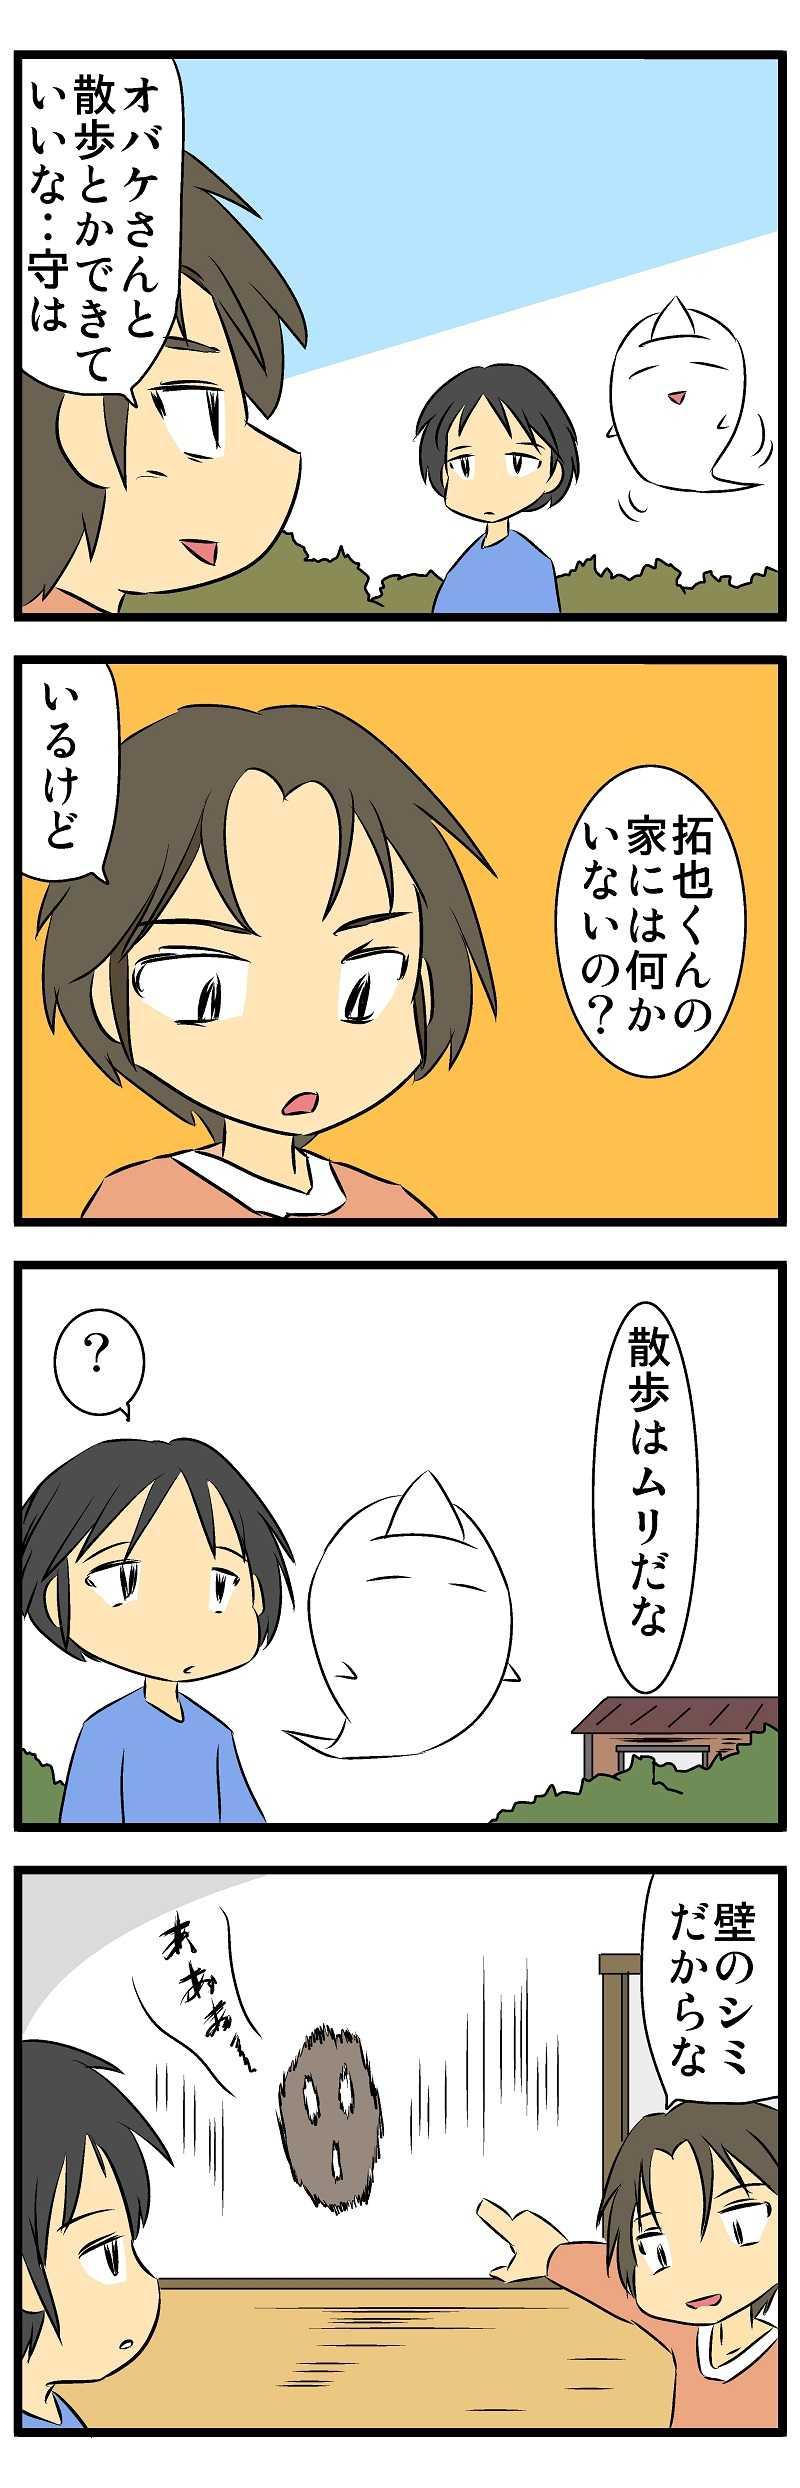 オバケさんとシミさん